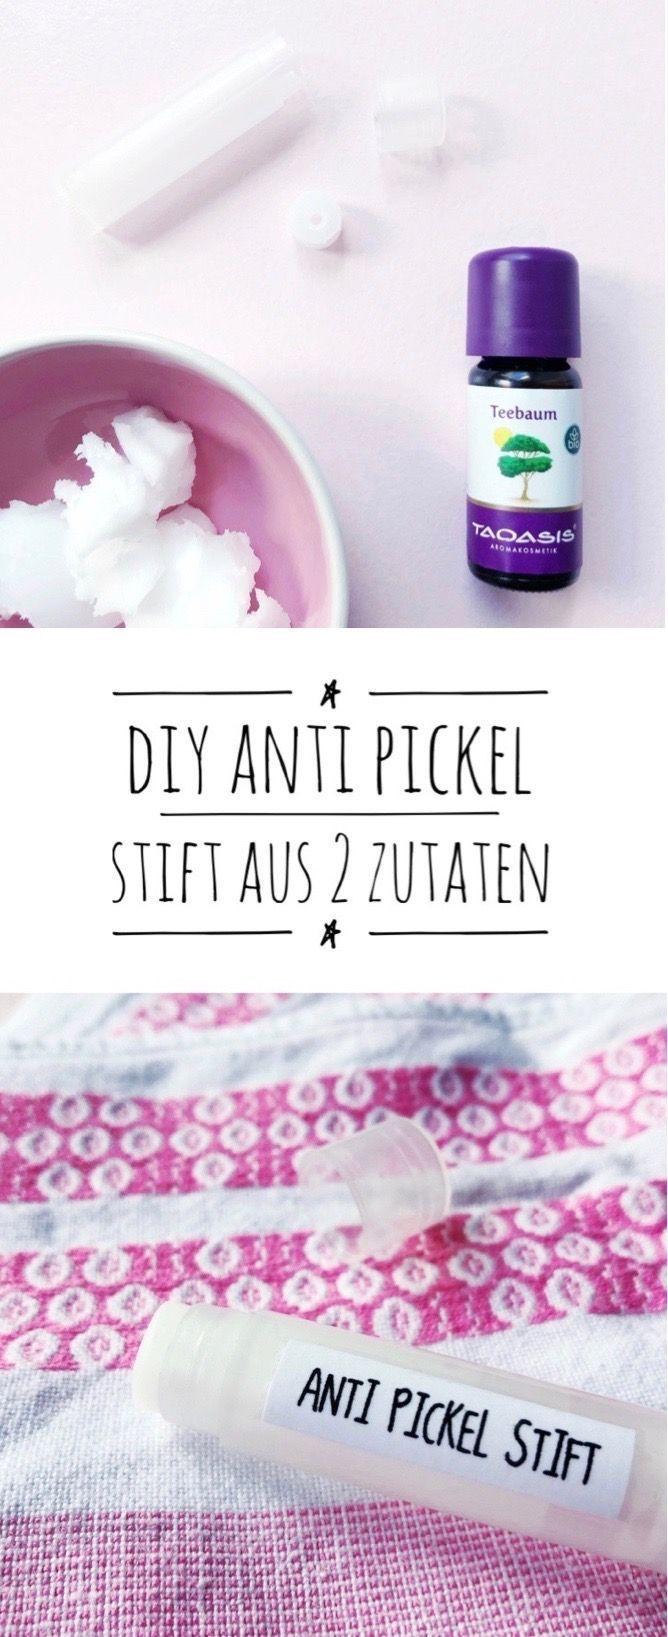 Anti-Pickel-Stift selbst macht nur 2 Zutaten - so geht's!   - DIY Kosmetik selber machen Rezepte -